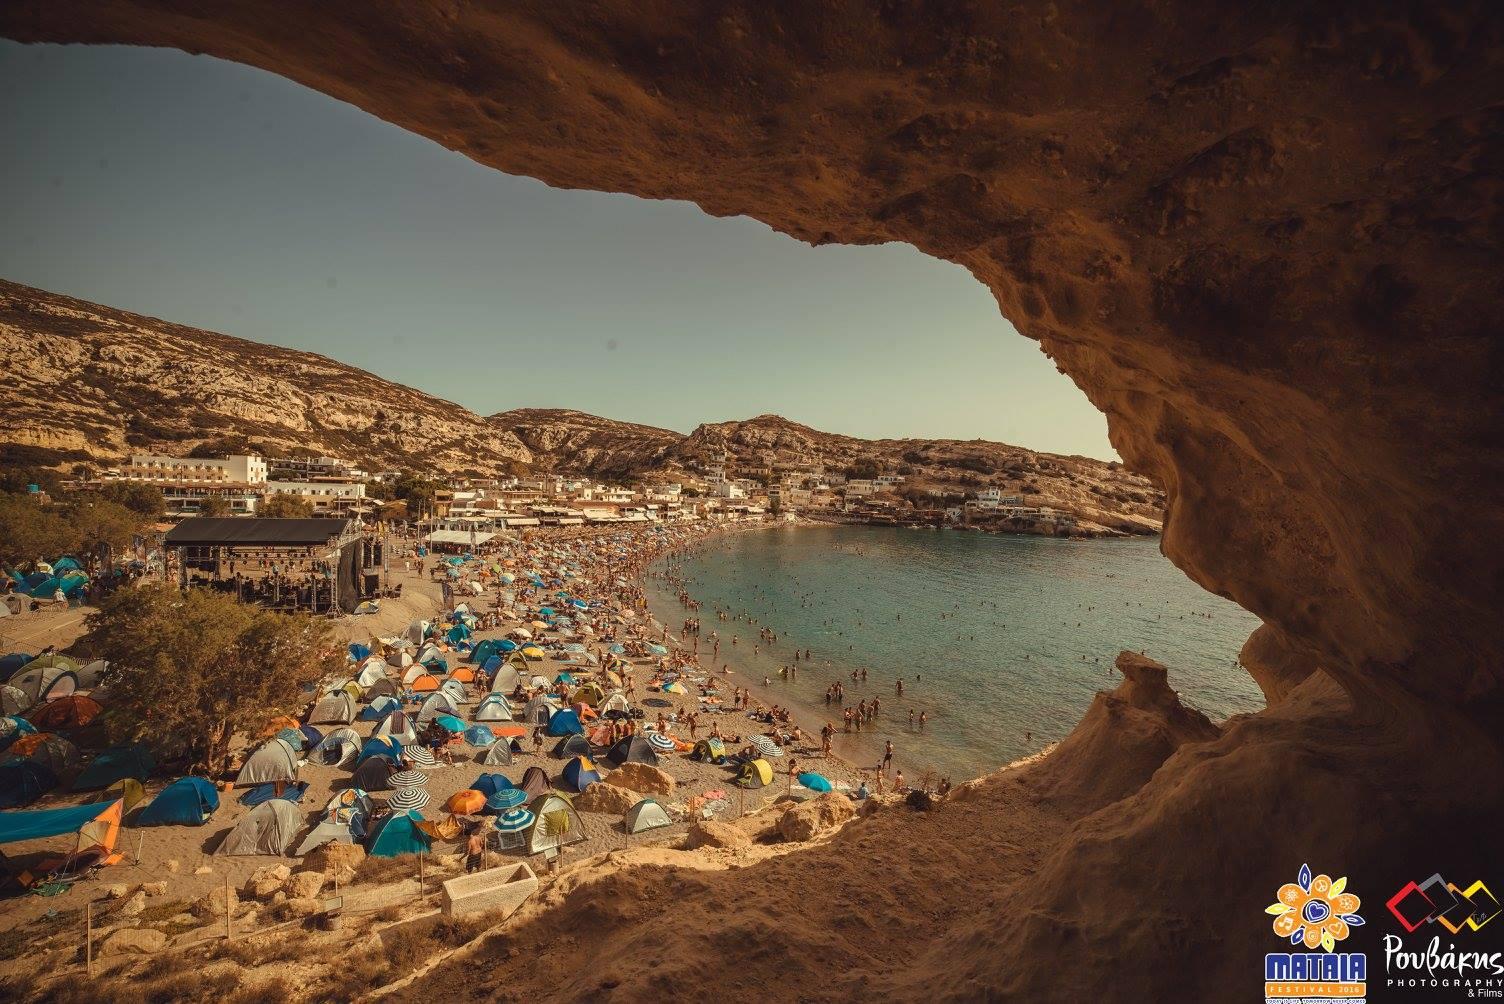 ... τα live της γιγάντιας σκηνής που στήνει επάνω στην παραλία το Matala  Beach Festival. Και για πρωινές βουτιές με φόντο τις απόκοσμες σπηλιές των  χίπηδων. 6f89b2f8d4b